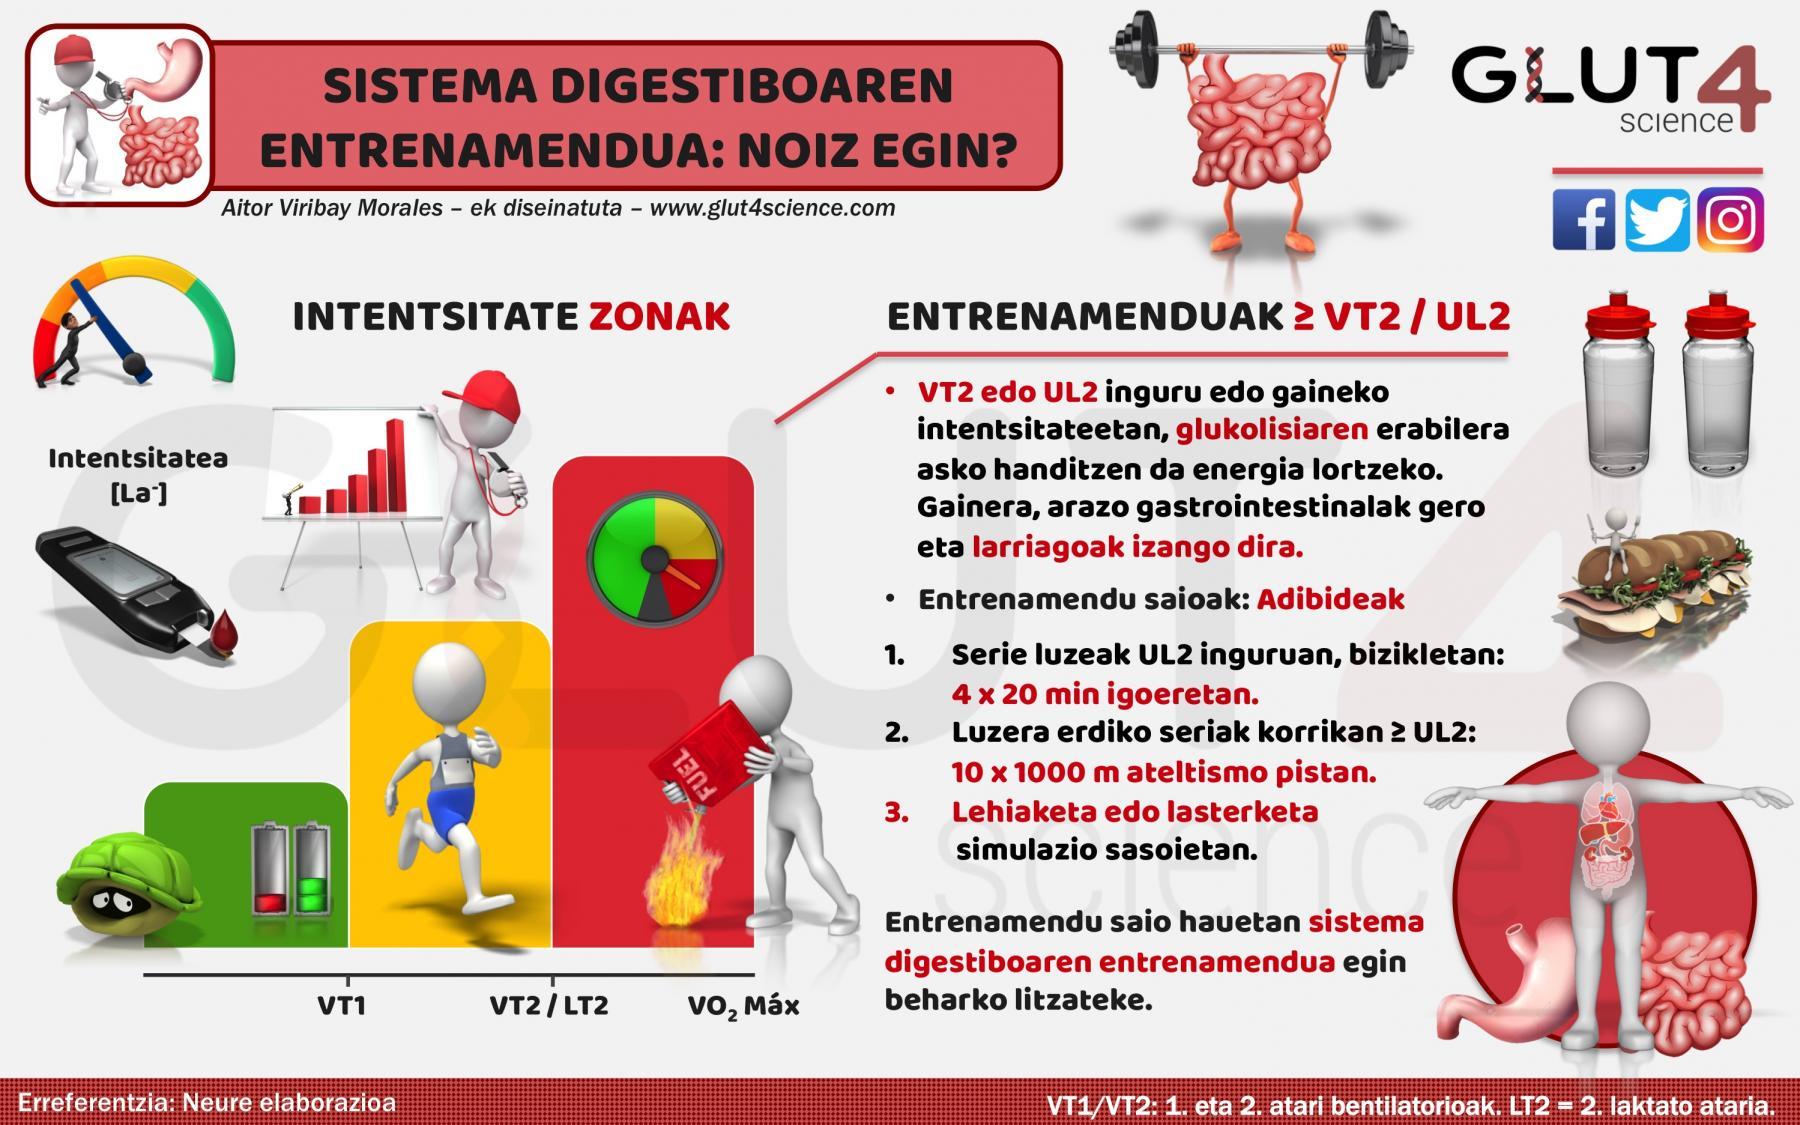 Sistema Digestiboaren Entrenamendua: Noiz egin?